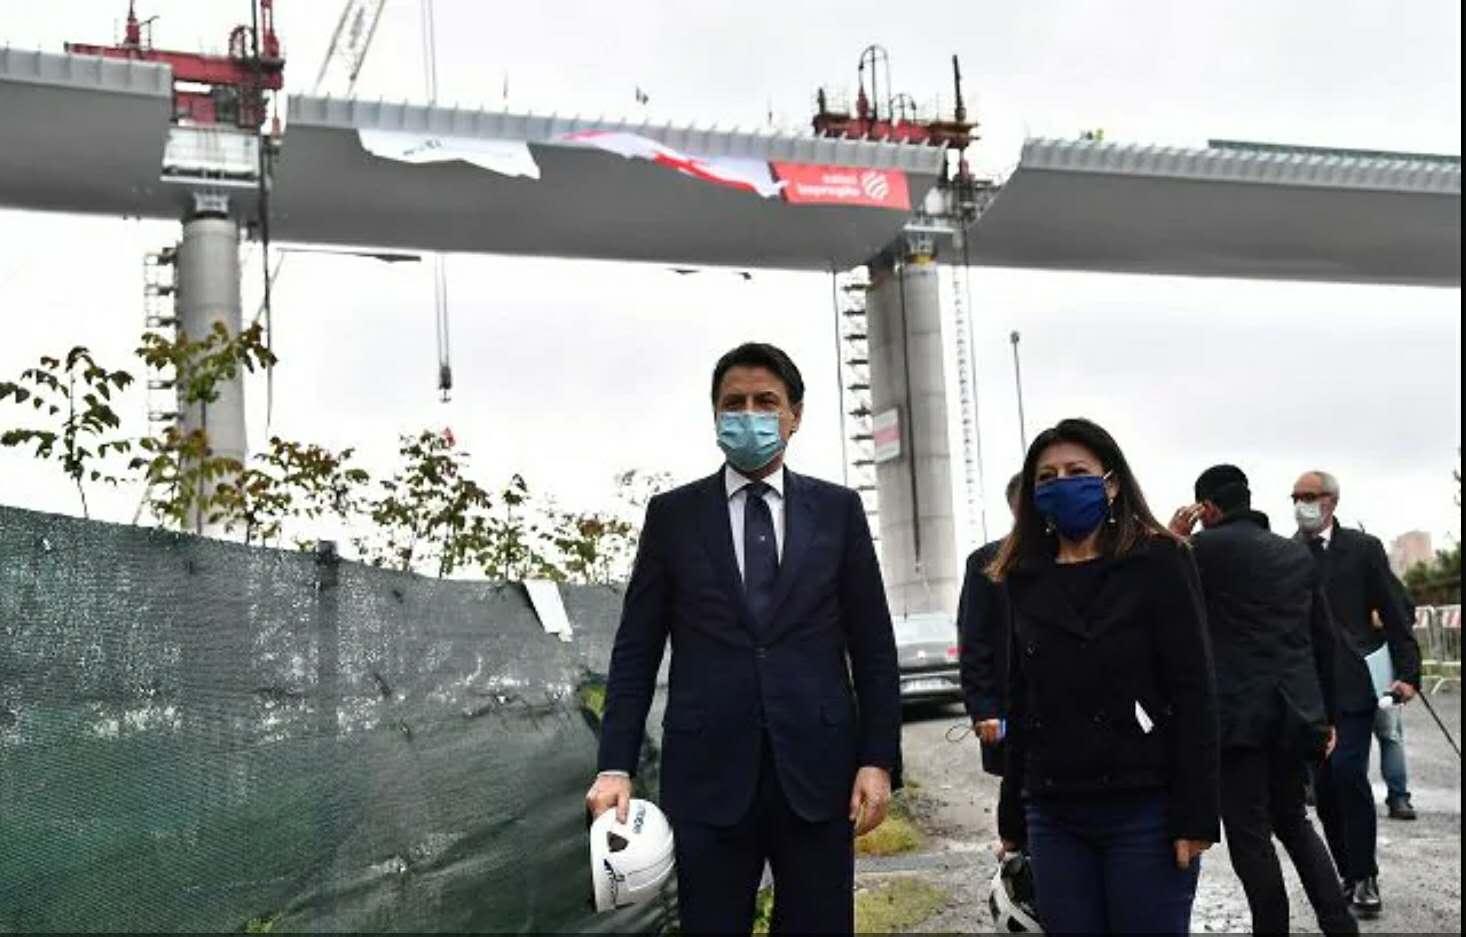 △意大利总理孔特(左一)出席大桥合龙仪式(图片来源:安莎社)